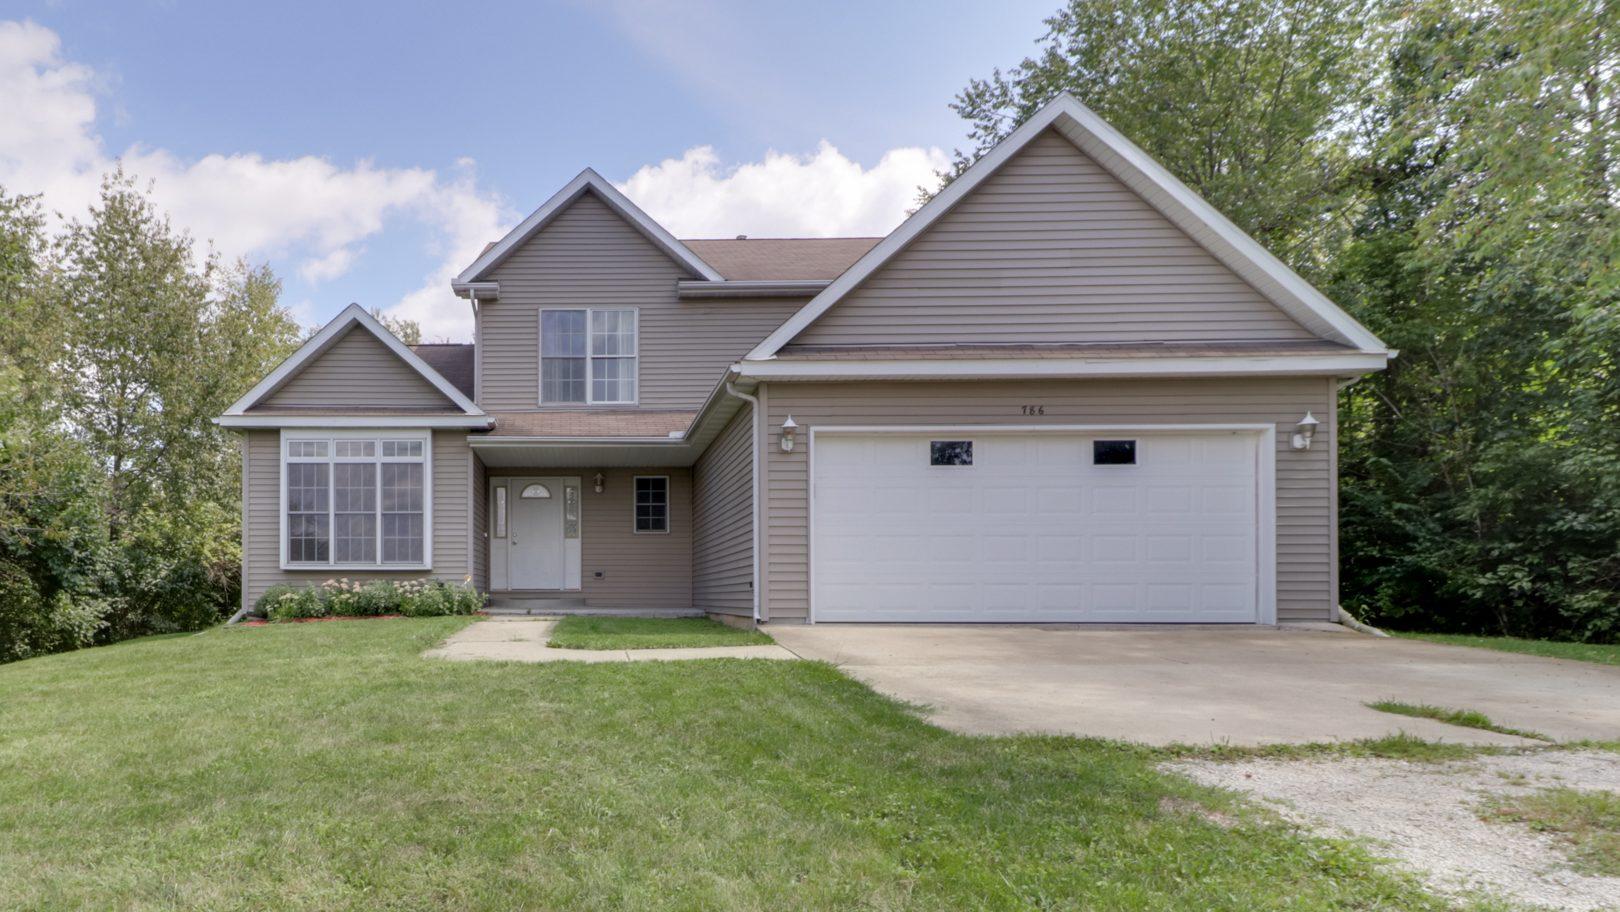 786 Kickapoo Drive, Danvers, IL 61732 – SOLD!